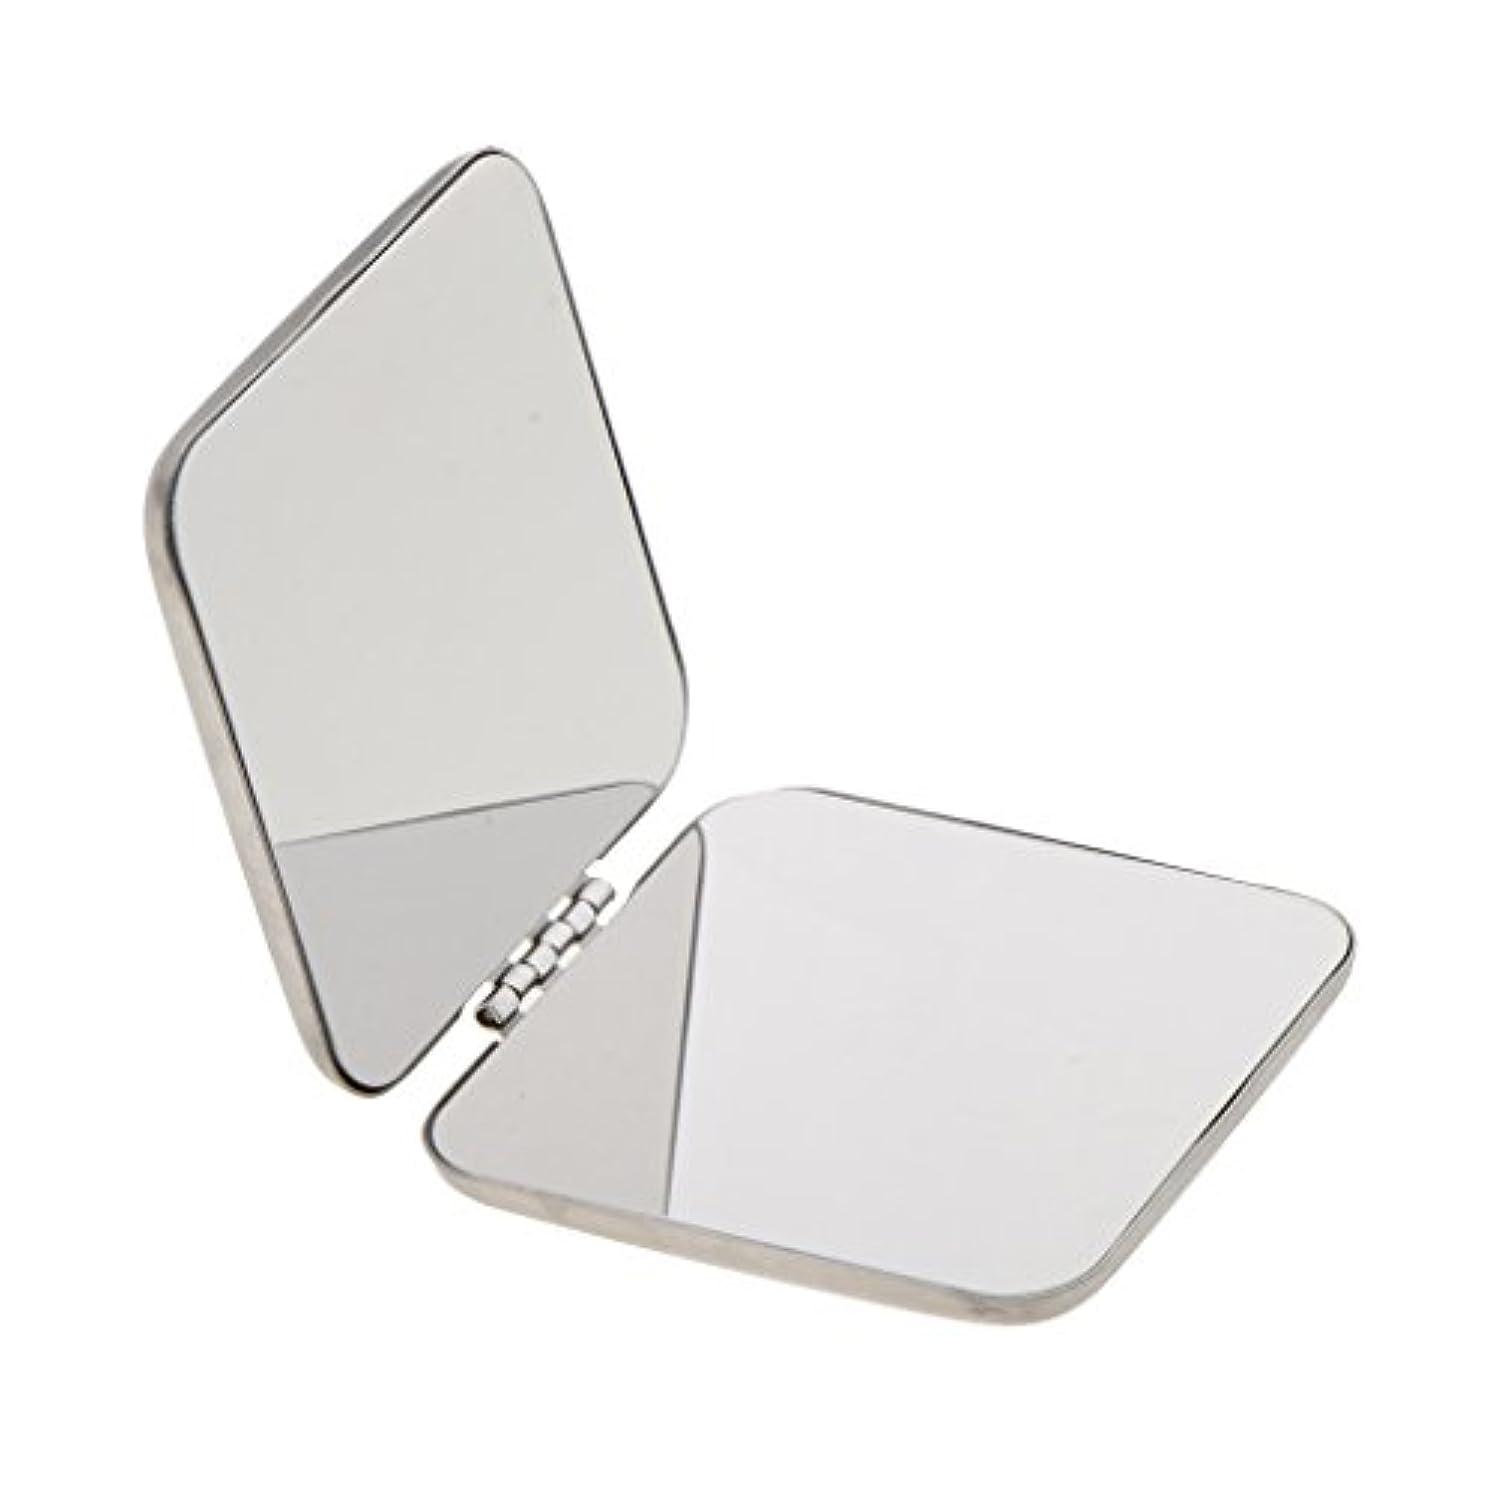 番号母かもしれないKesoto ステンレス メイクミラー 拡大鏡 折りたたみ式 両面鏡 ミラー ステンレス製 持ち込み便利